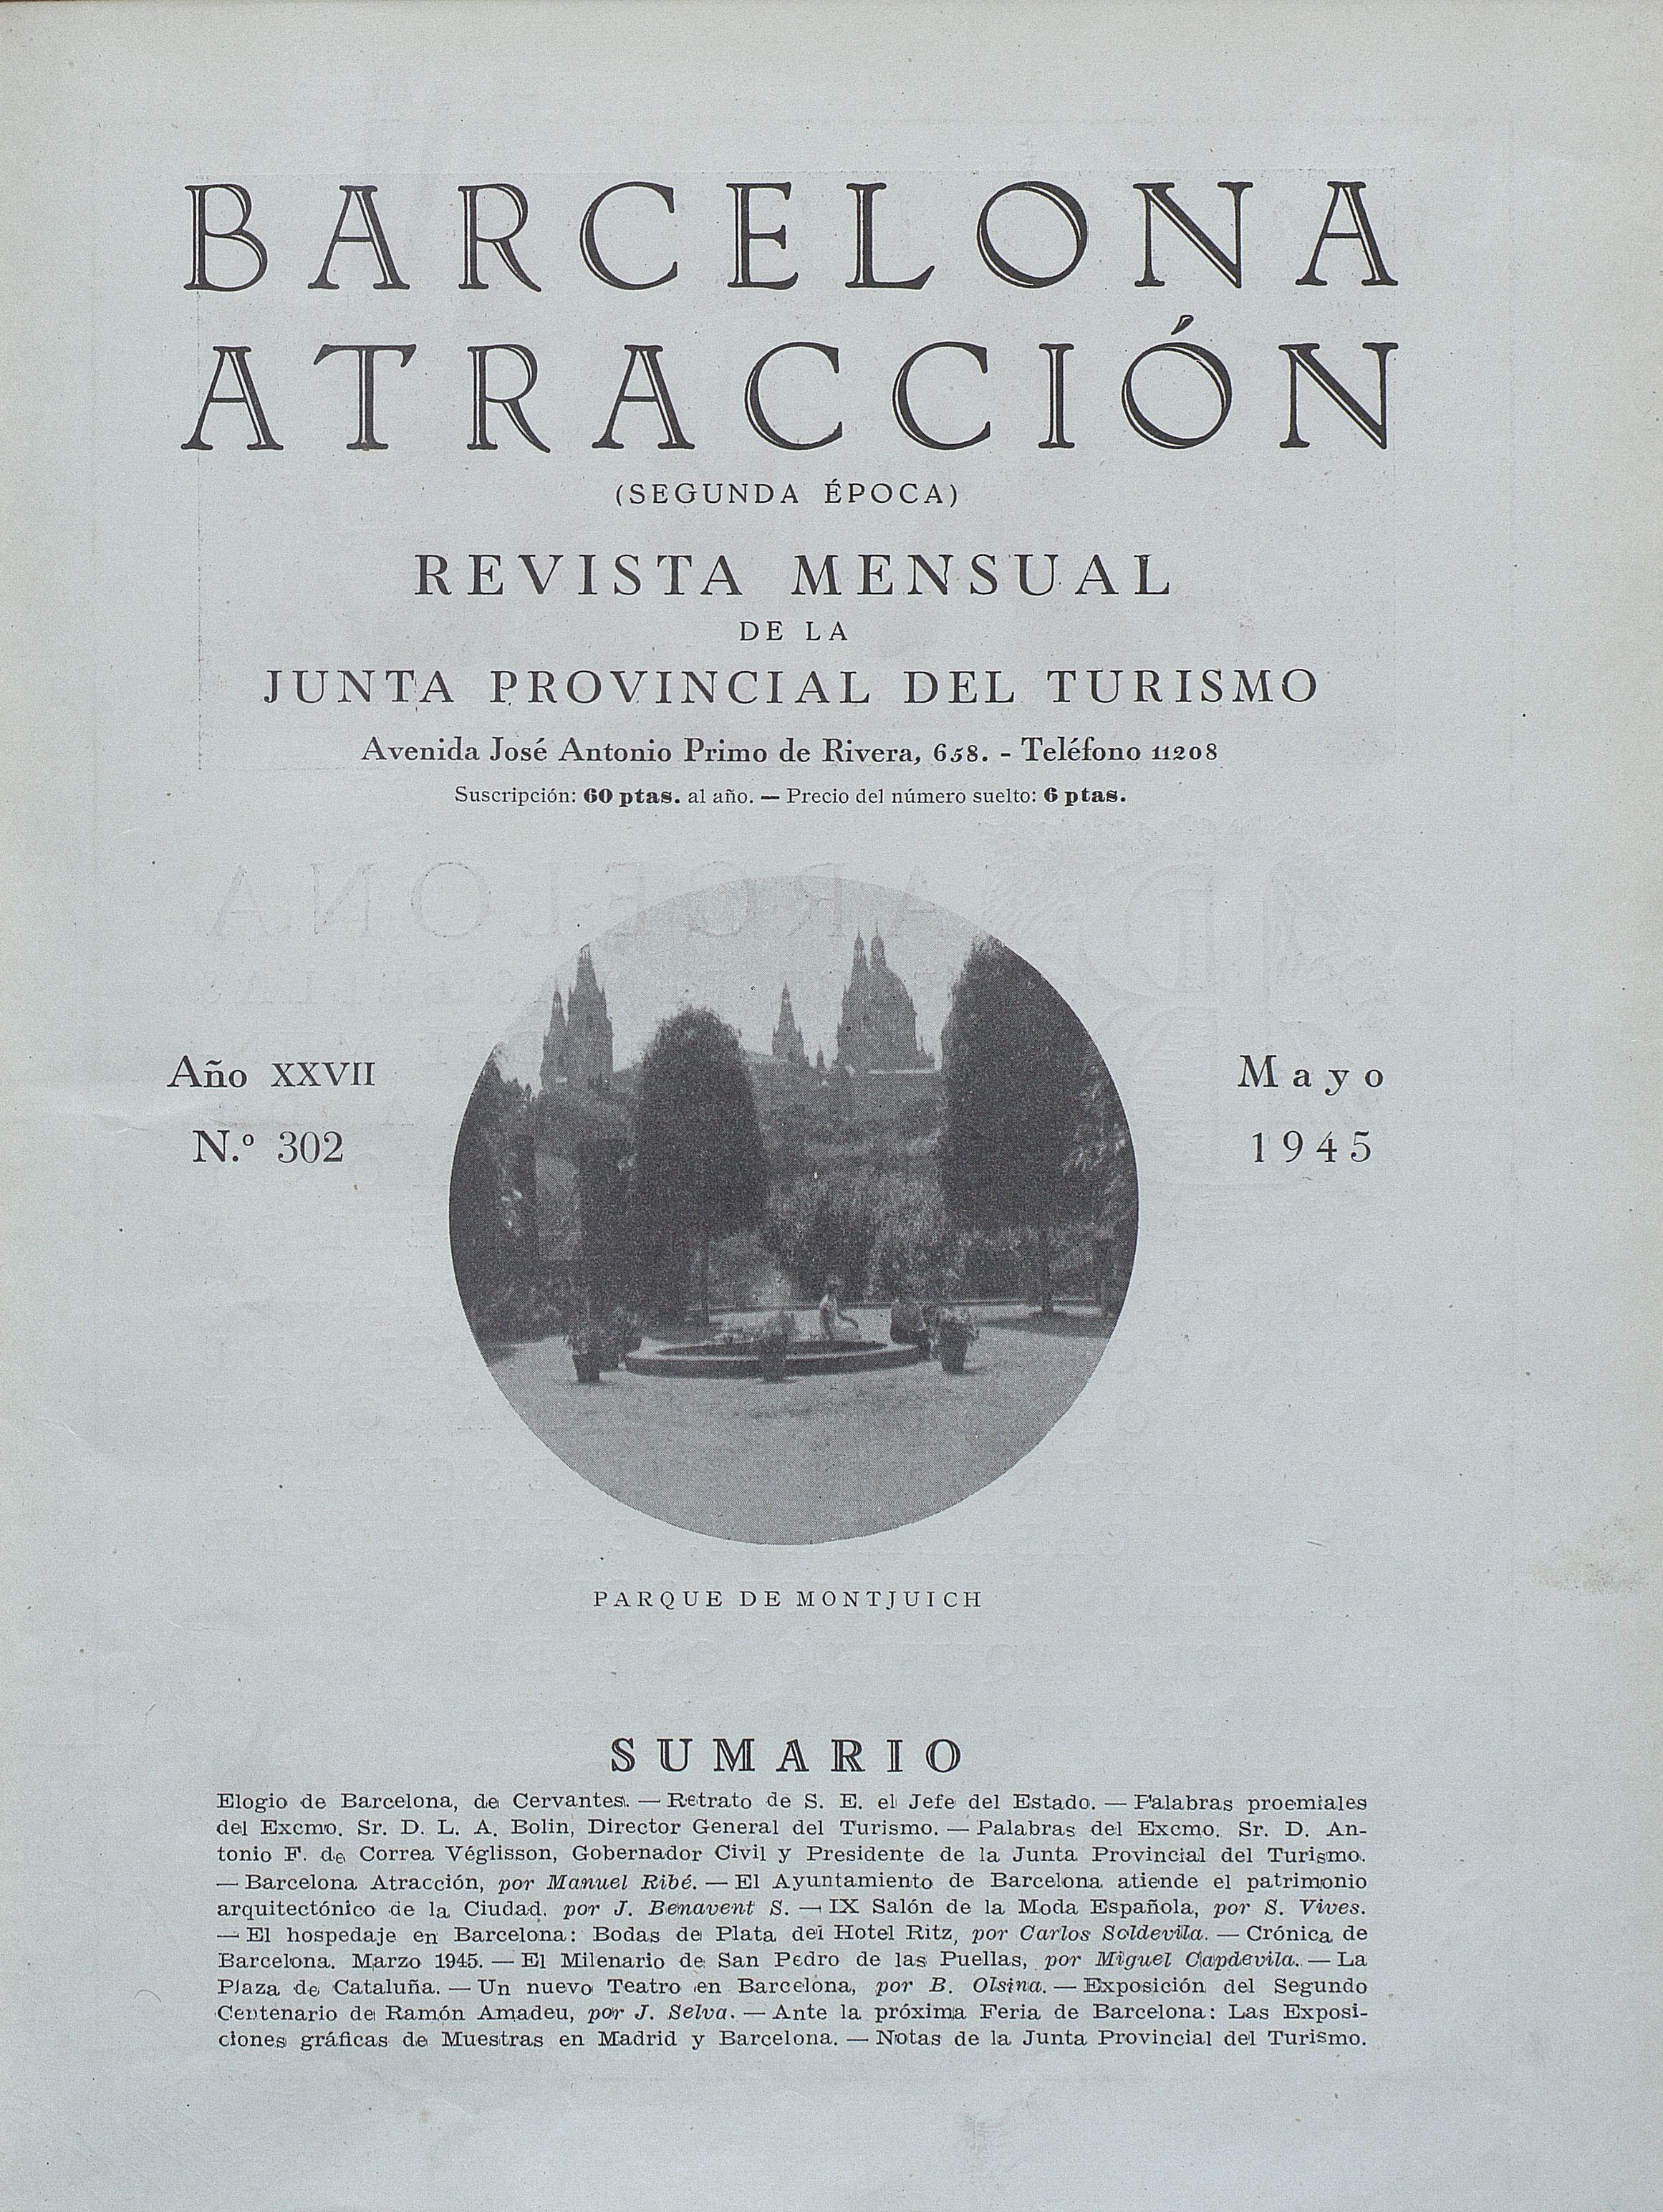 AHCB, Hemeroteca, Barcelona atracción, maig del 1945